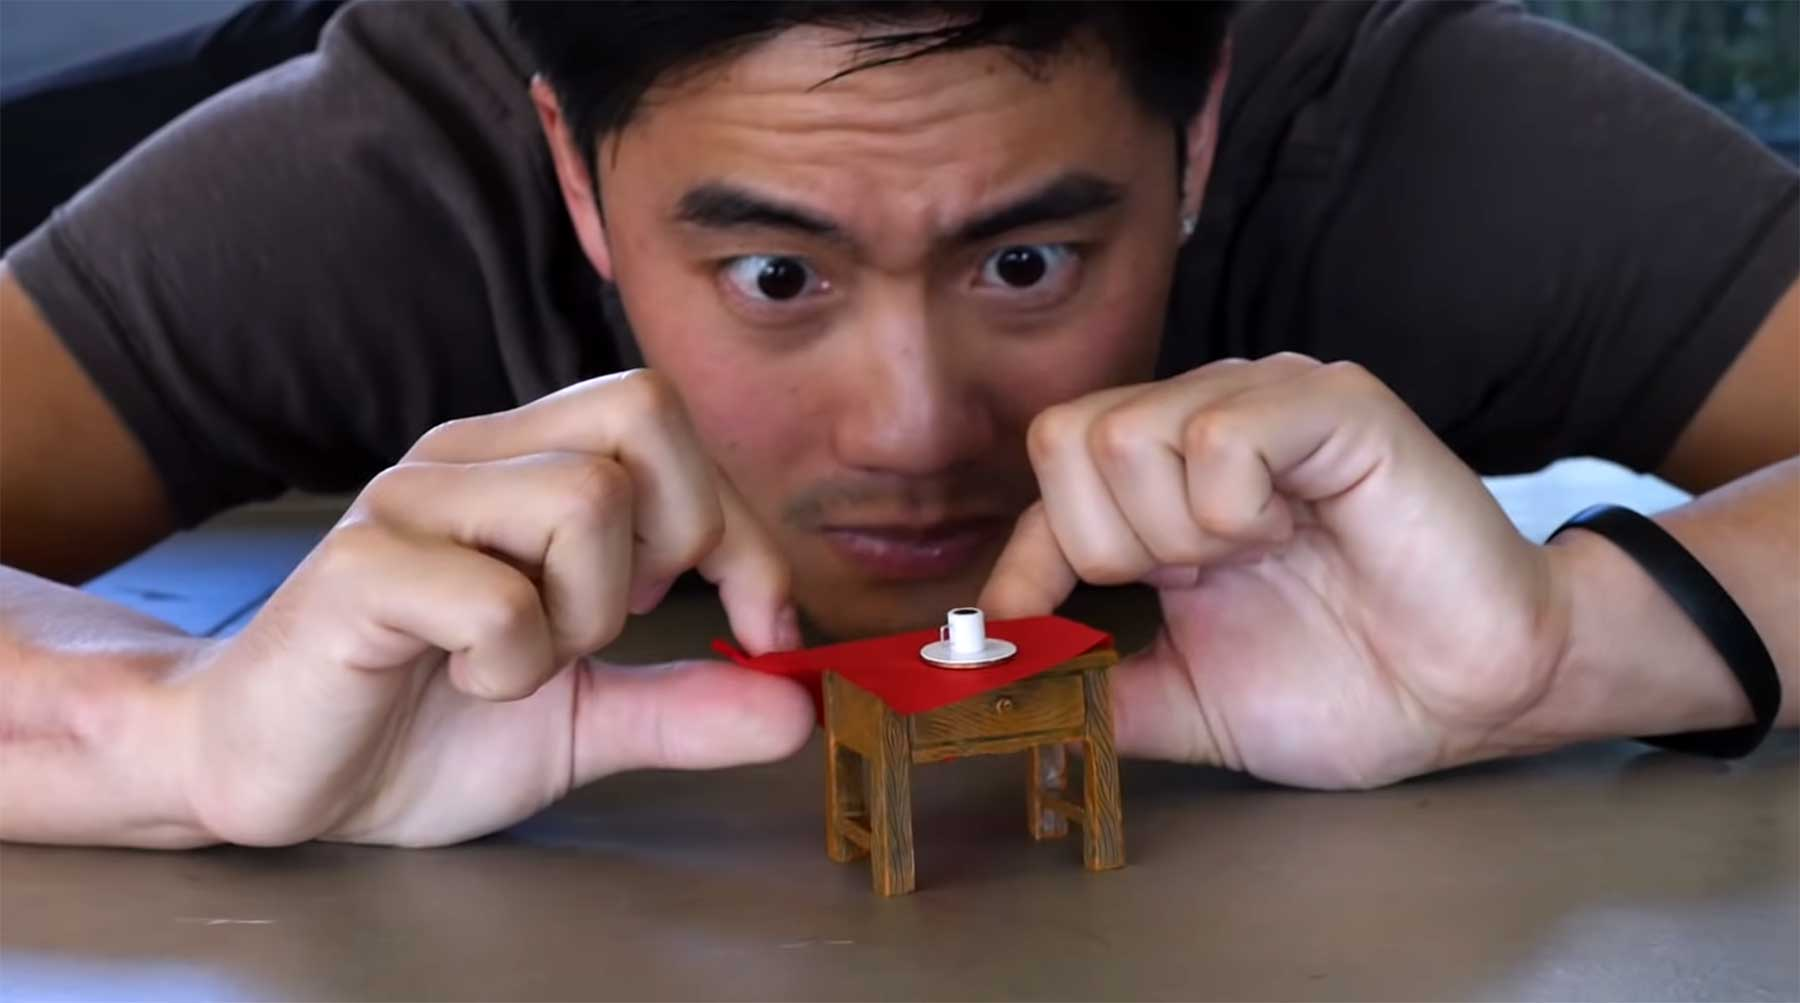 Ryan Higa macht bekloppte Tischdecke-wegzieh-Tricks tischdecke-wegziehen-trick-mini